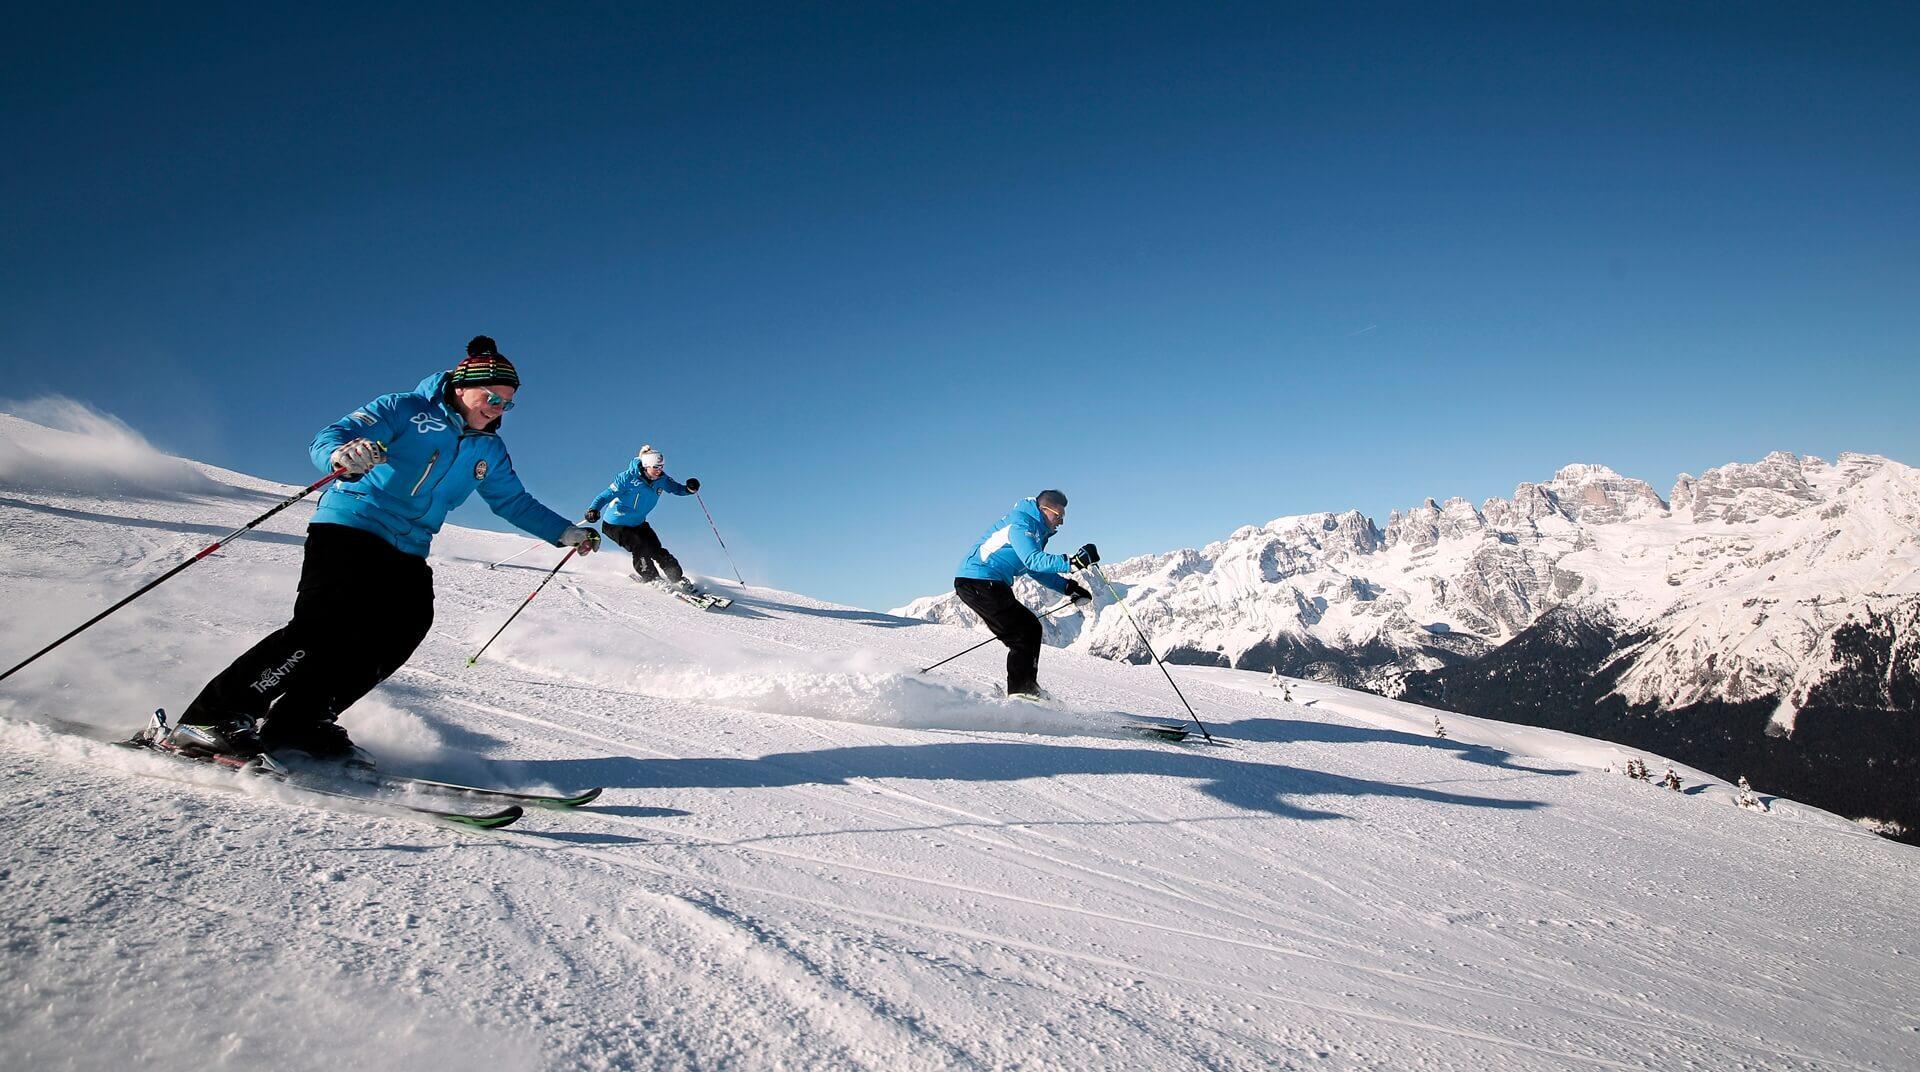 Alpiine Skiing